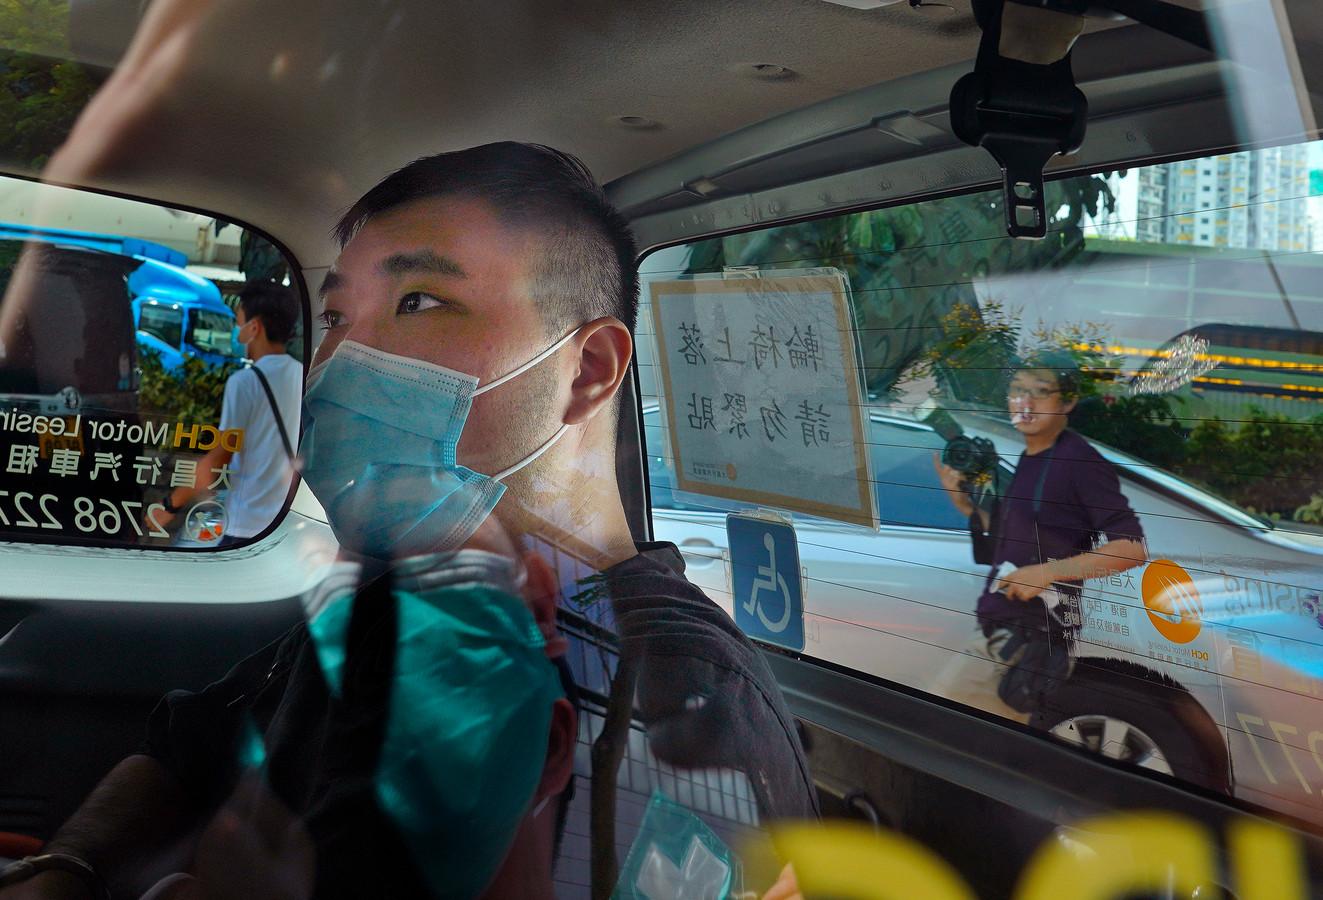 Tong Ying-kit arriveert bij de rechtbank voor de behandeling van zijn zaak.